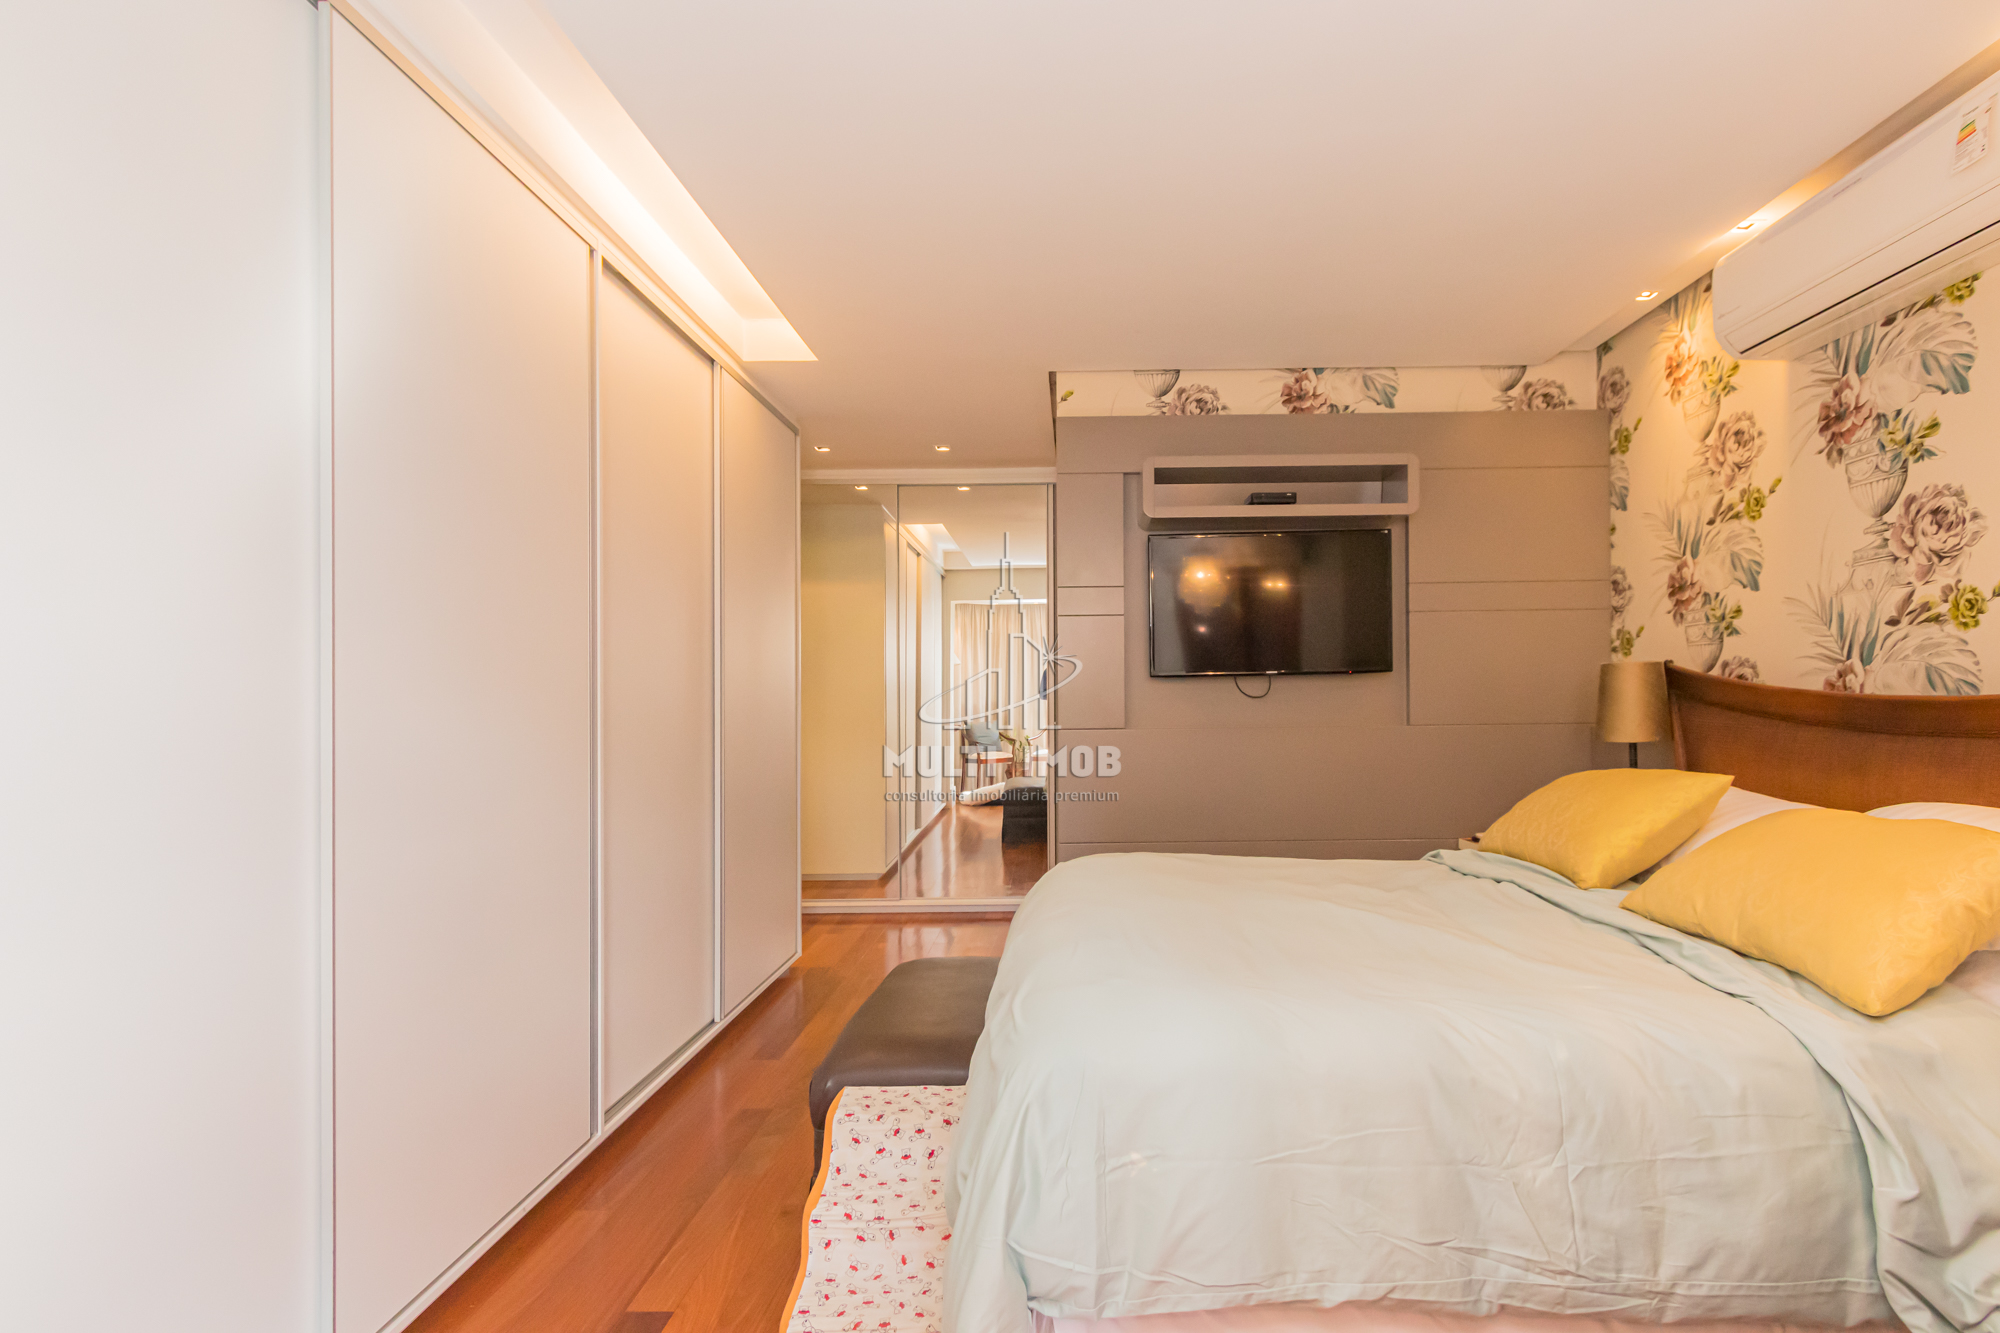 Apartamento  3 Dormitórios  2 Suítes  2 Vagas de Garagem Venda Bairro Petrópolis em Porto Alegre RS